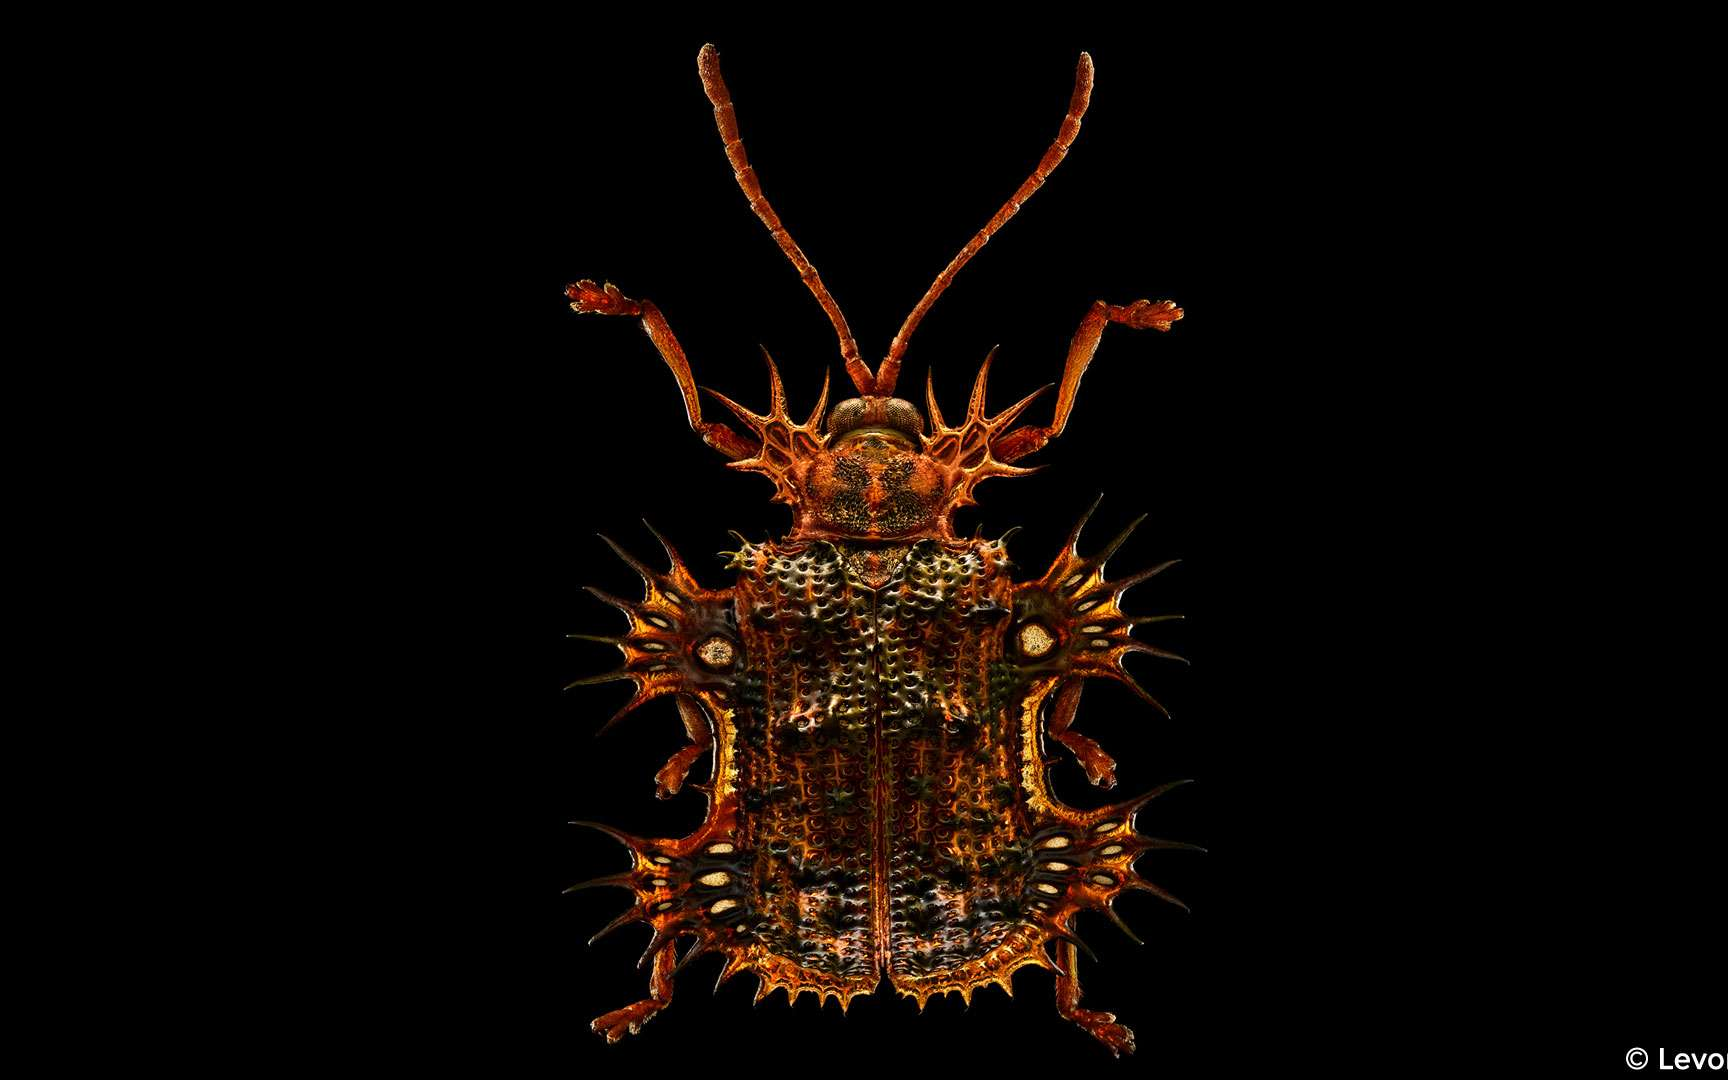 La forme de la carapace de ce coléoptère vivant en Chine lui a valu le surnom de scarabée tortue. Platypria melli est une merveille de complexités. Sa belle carapace cuivrée est marquée d'une multitude de petits trous et hérissée d'épines à ses extrémités. Leurs fonctions ne sont pas claires mais sont probablement défensives ou aident au camouflage de l'insecte parmi la végétation. La lumière qui passe à travers cet échantillon révèle des zones où les ailes sont très fines. © Levon Biss